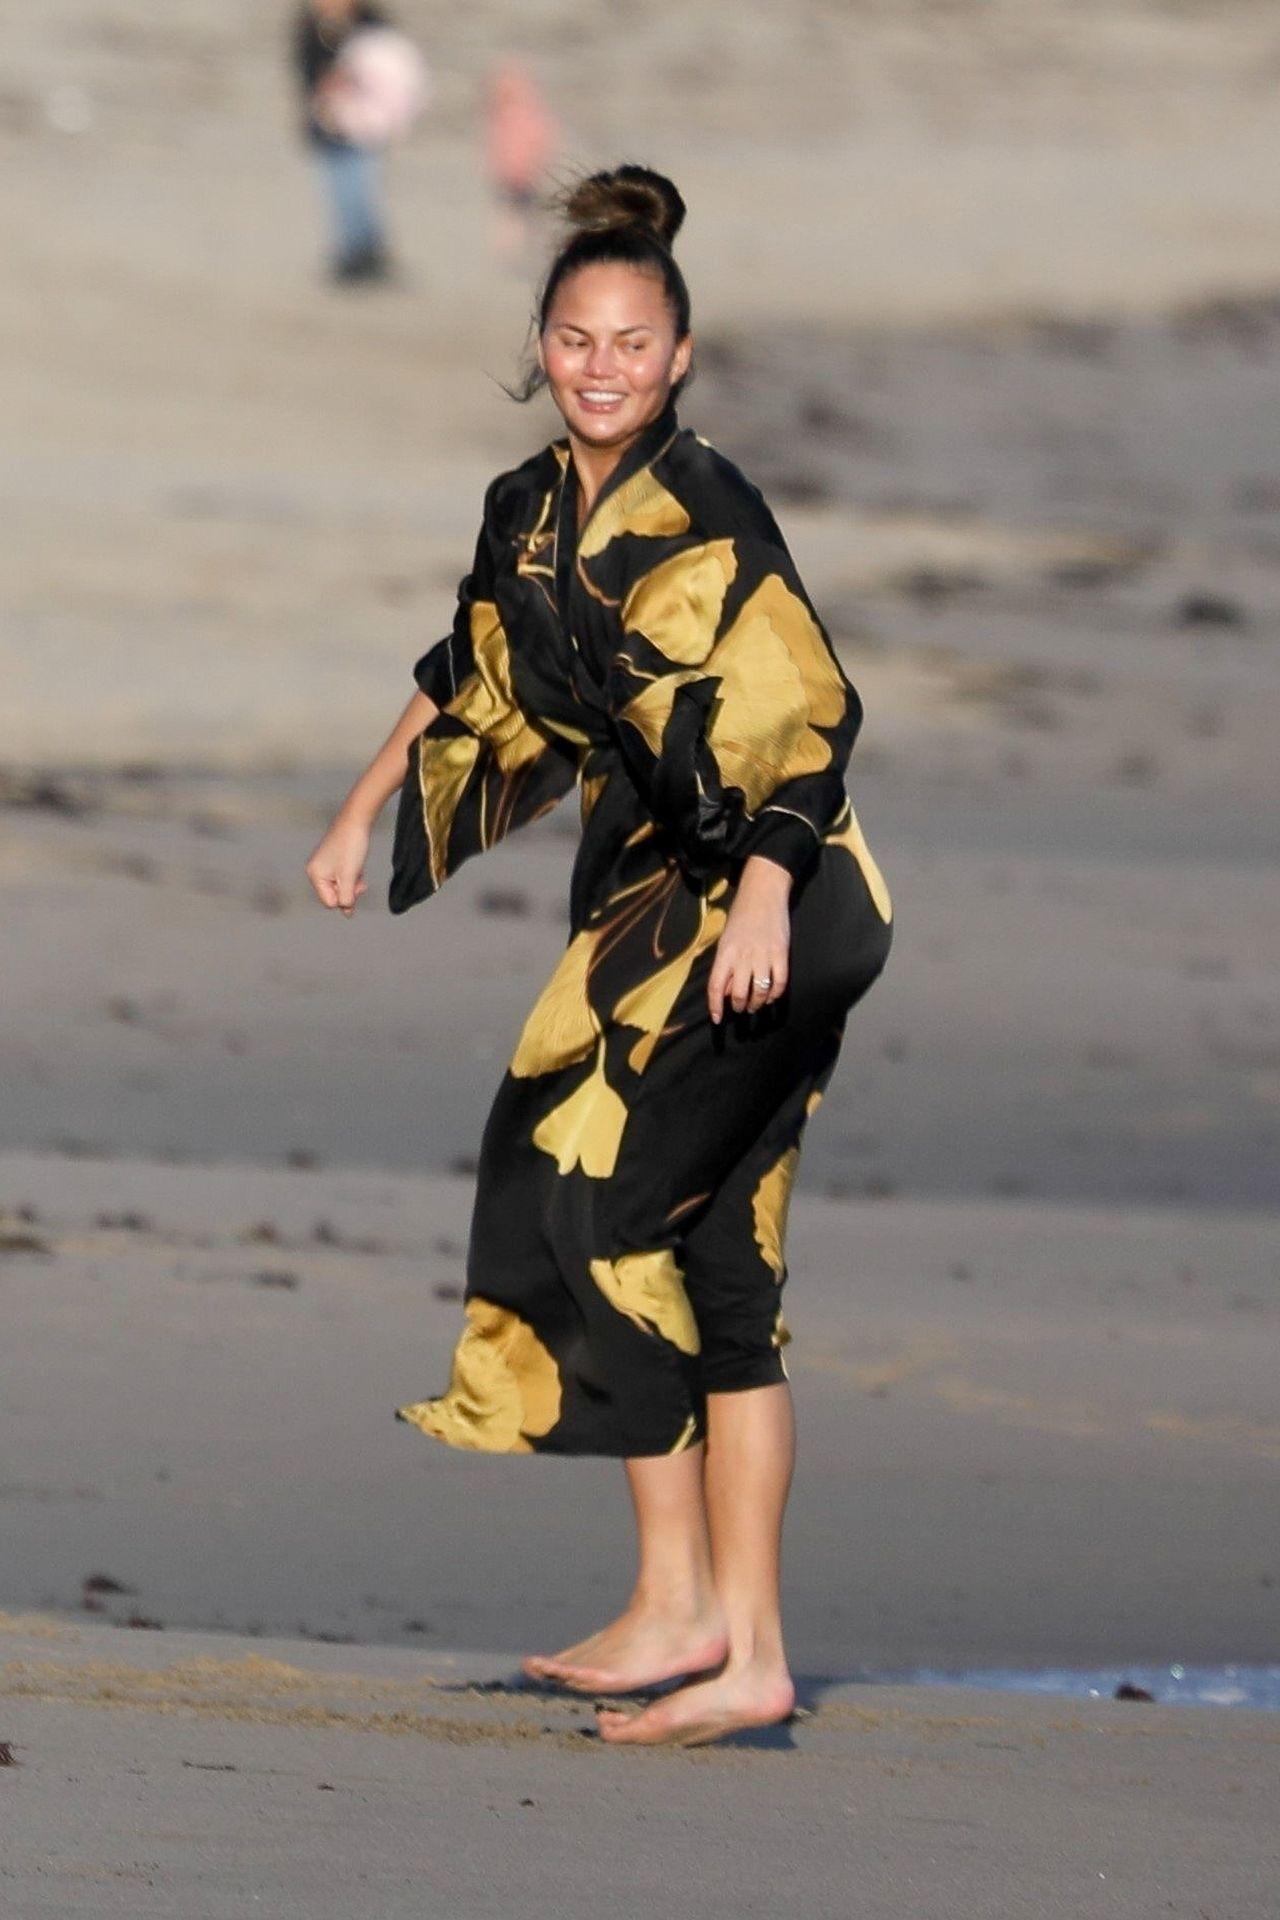 Chrissy Teigen Enjoys A Beach Day In Malibu Amid All Coronavirus Chaos 0033